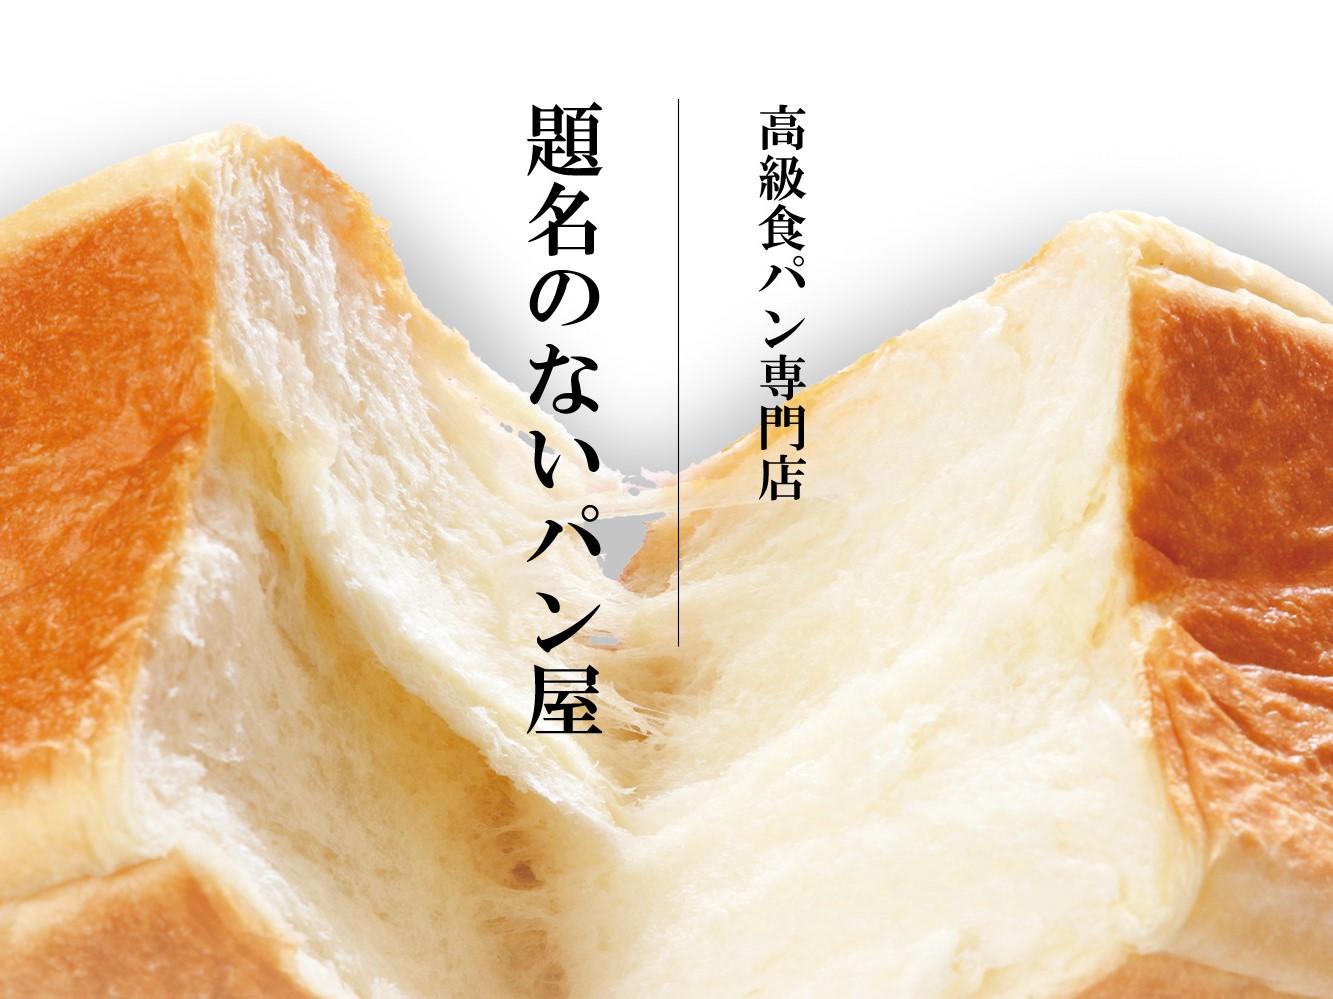 題名のないパン屋